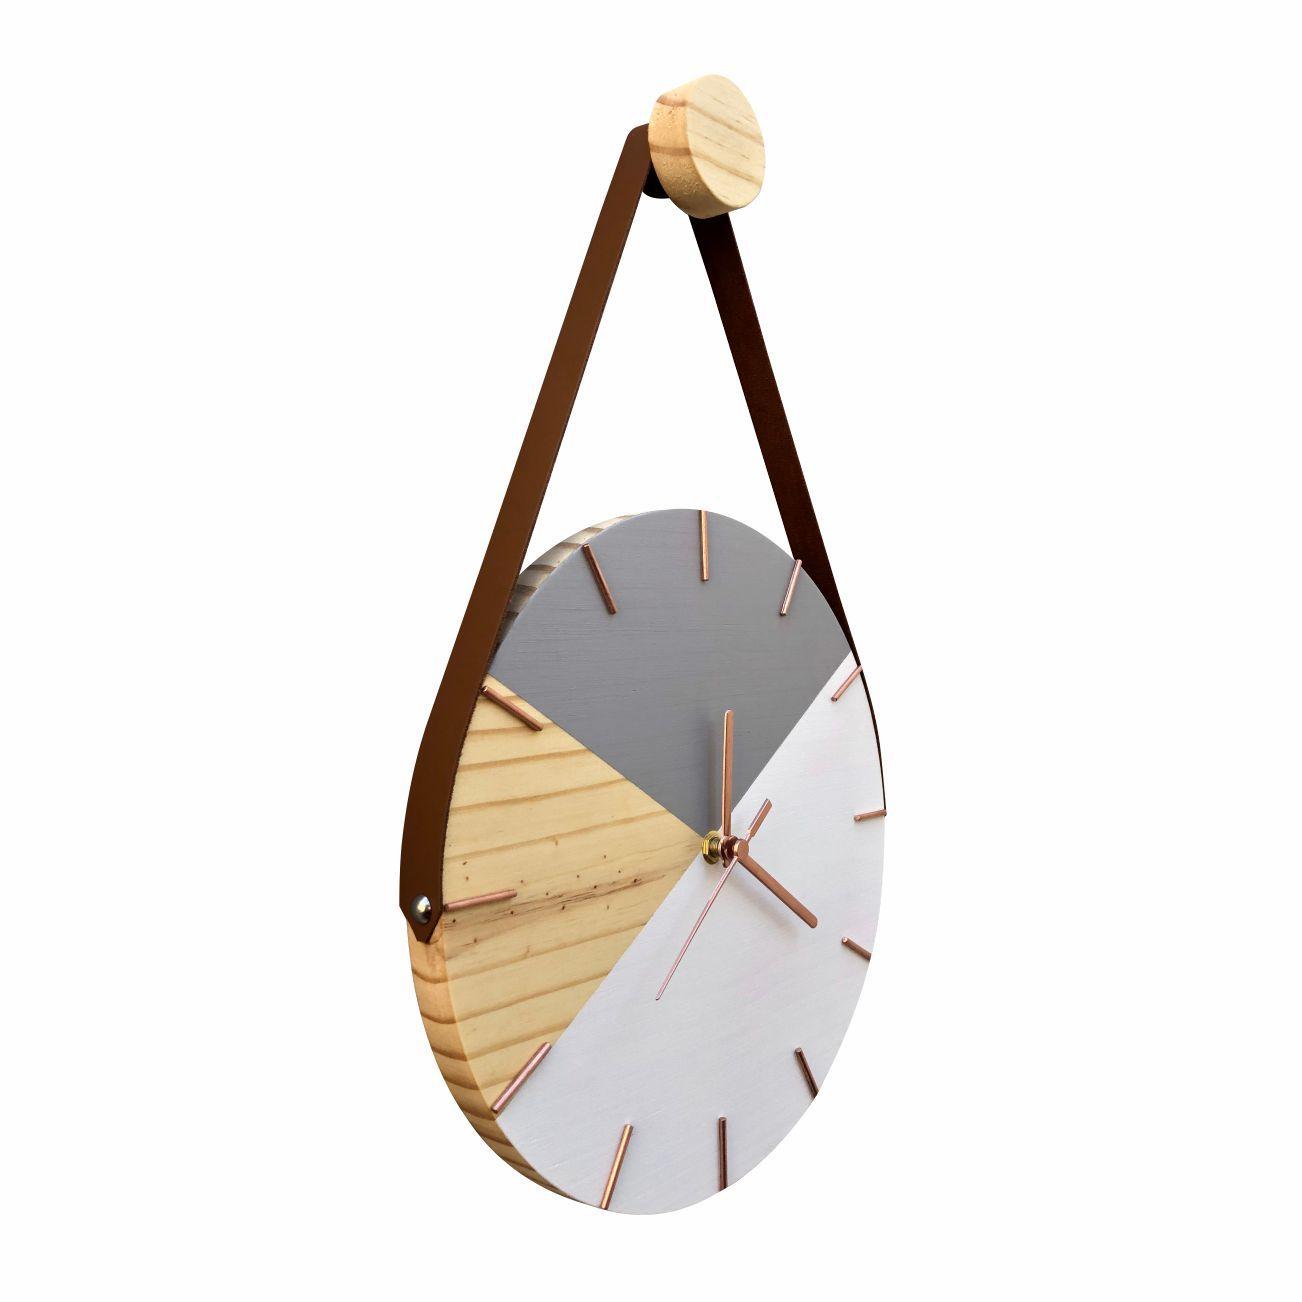 Relógio de Parede Geométrico Branco e Cinza Ponteiros Rosê com Alça